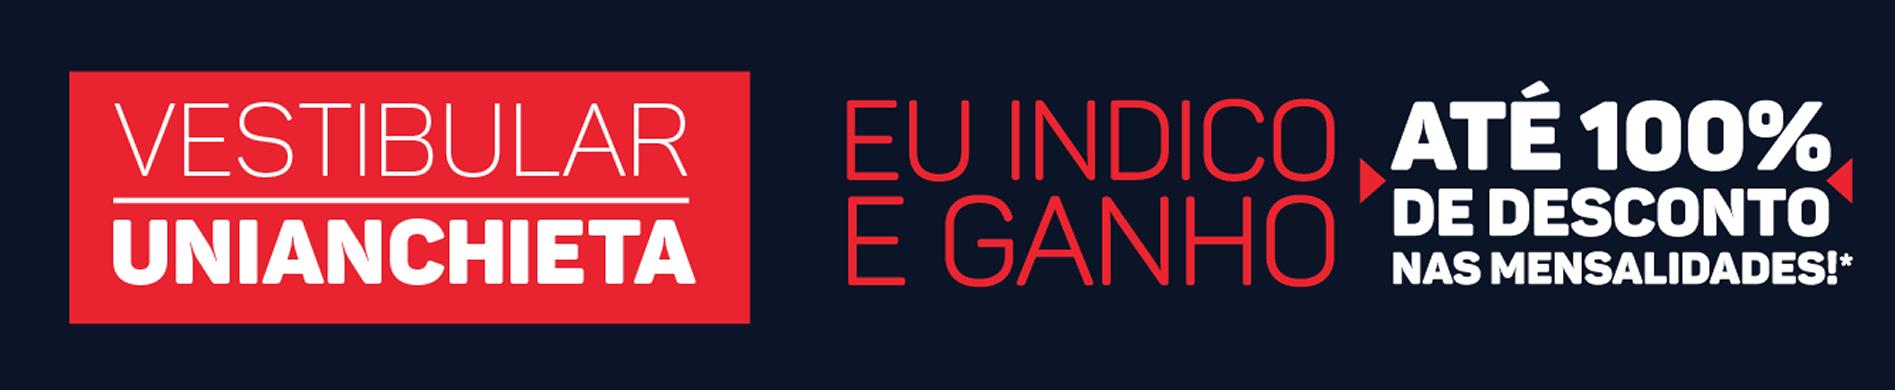 banner-site-eu-indico-1895x390